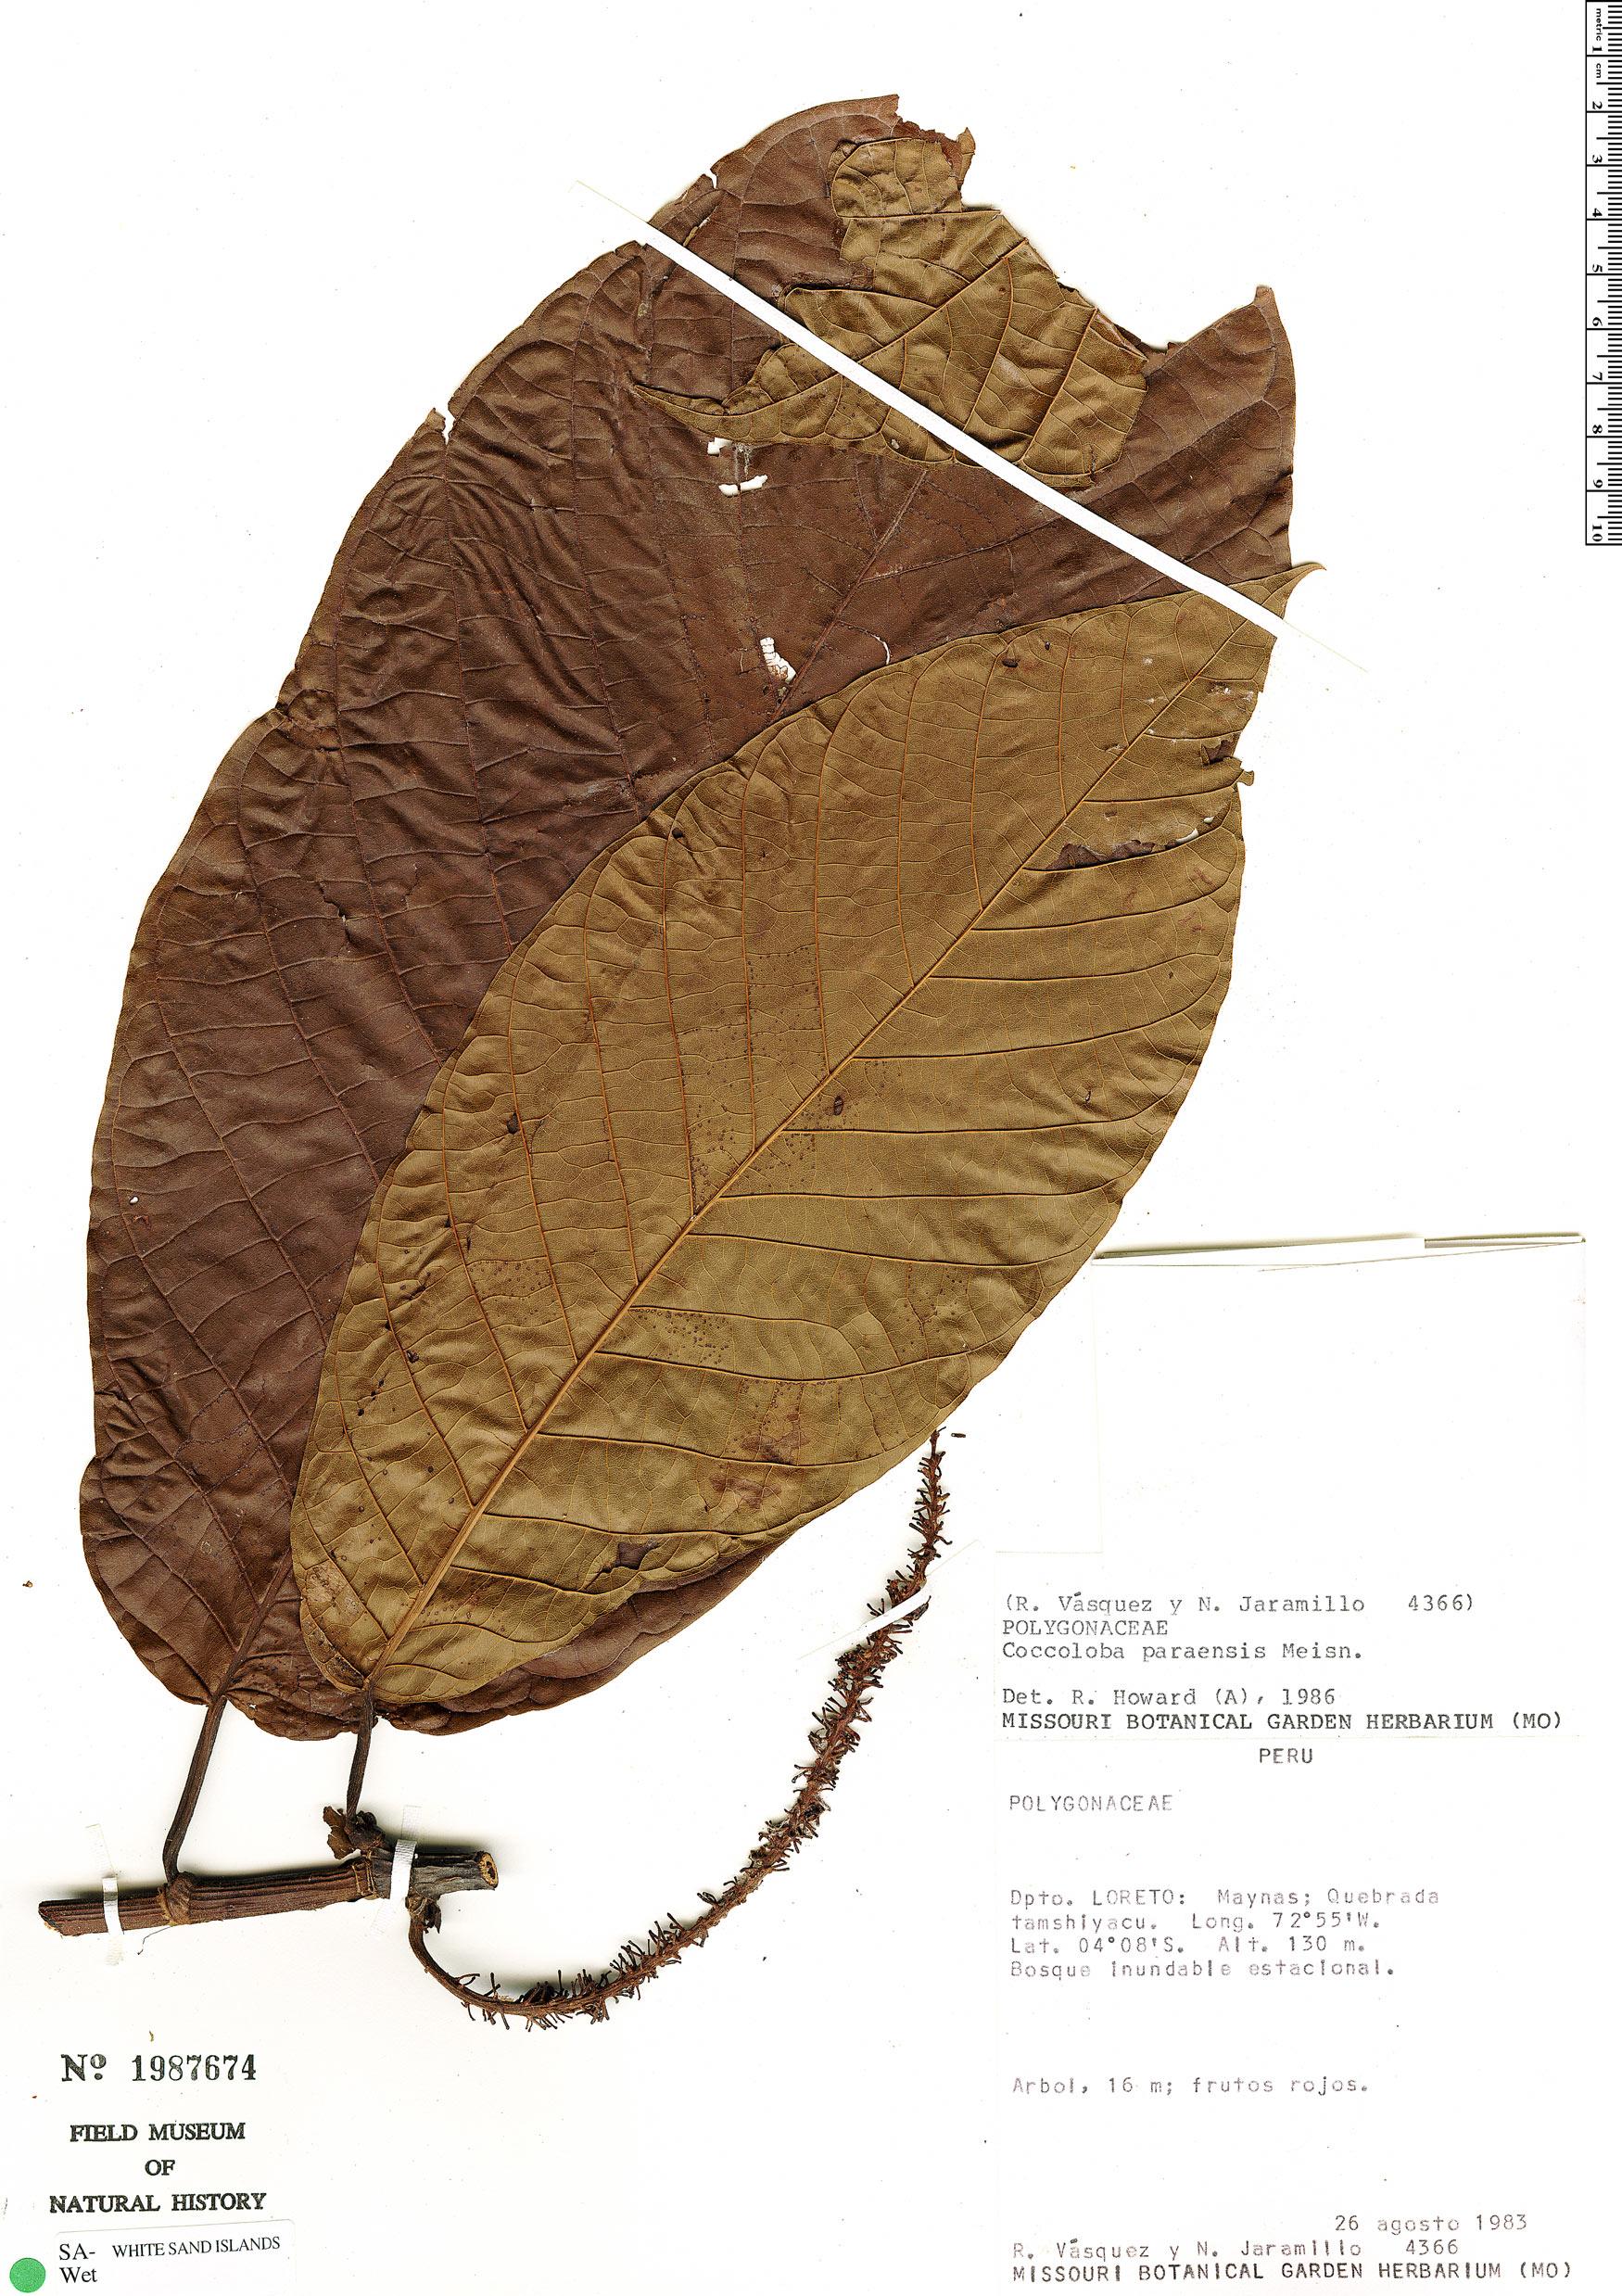 Specimen: Coccoloba paraensis